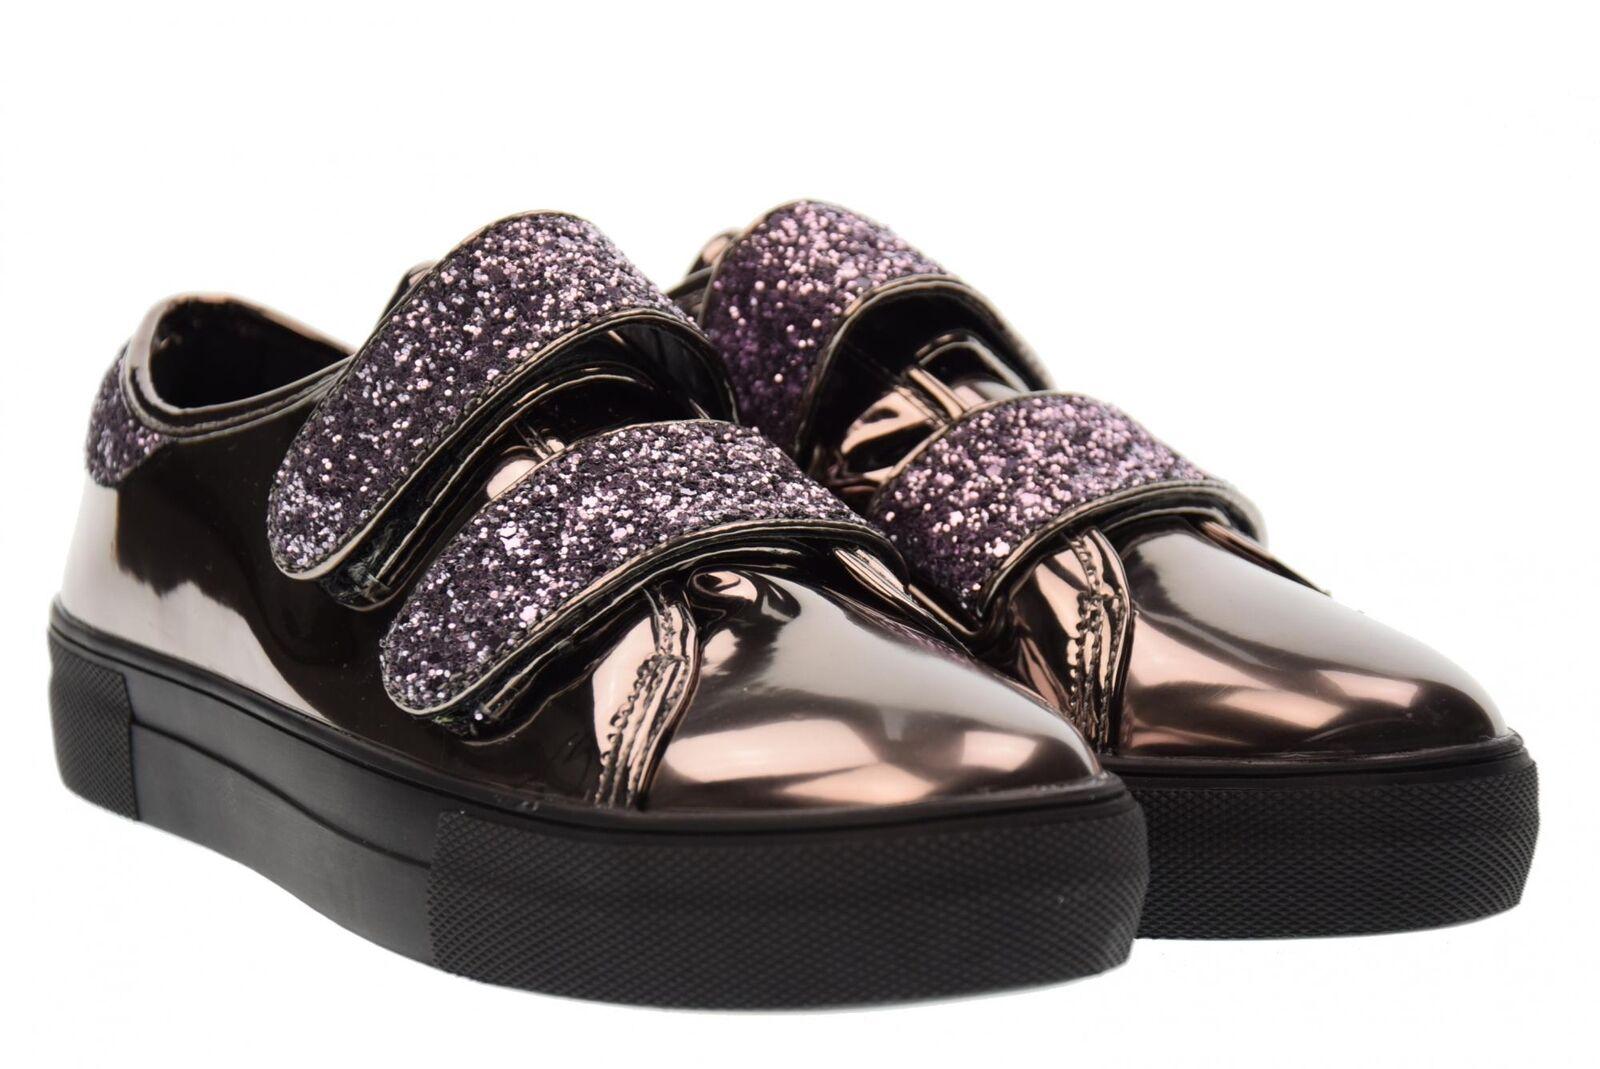 B3d Zapatos Zapatillas De Mujer Mujer Mujer Zapatos De Plataforma A17u 41386 Cuero Espejo  marca